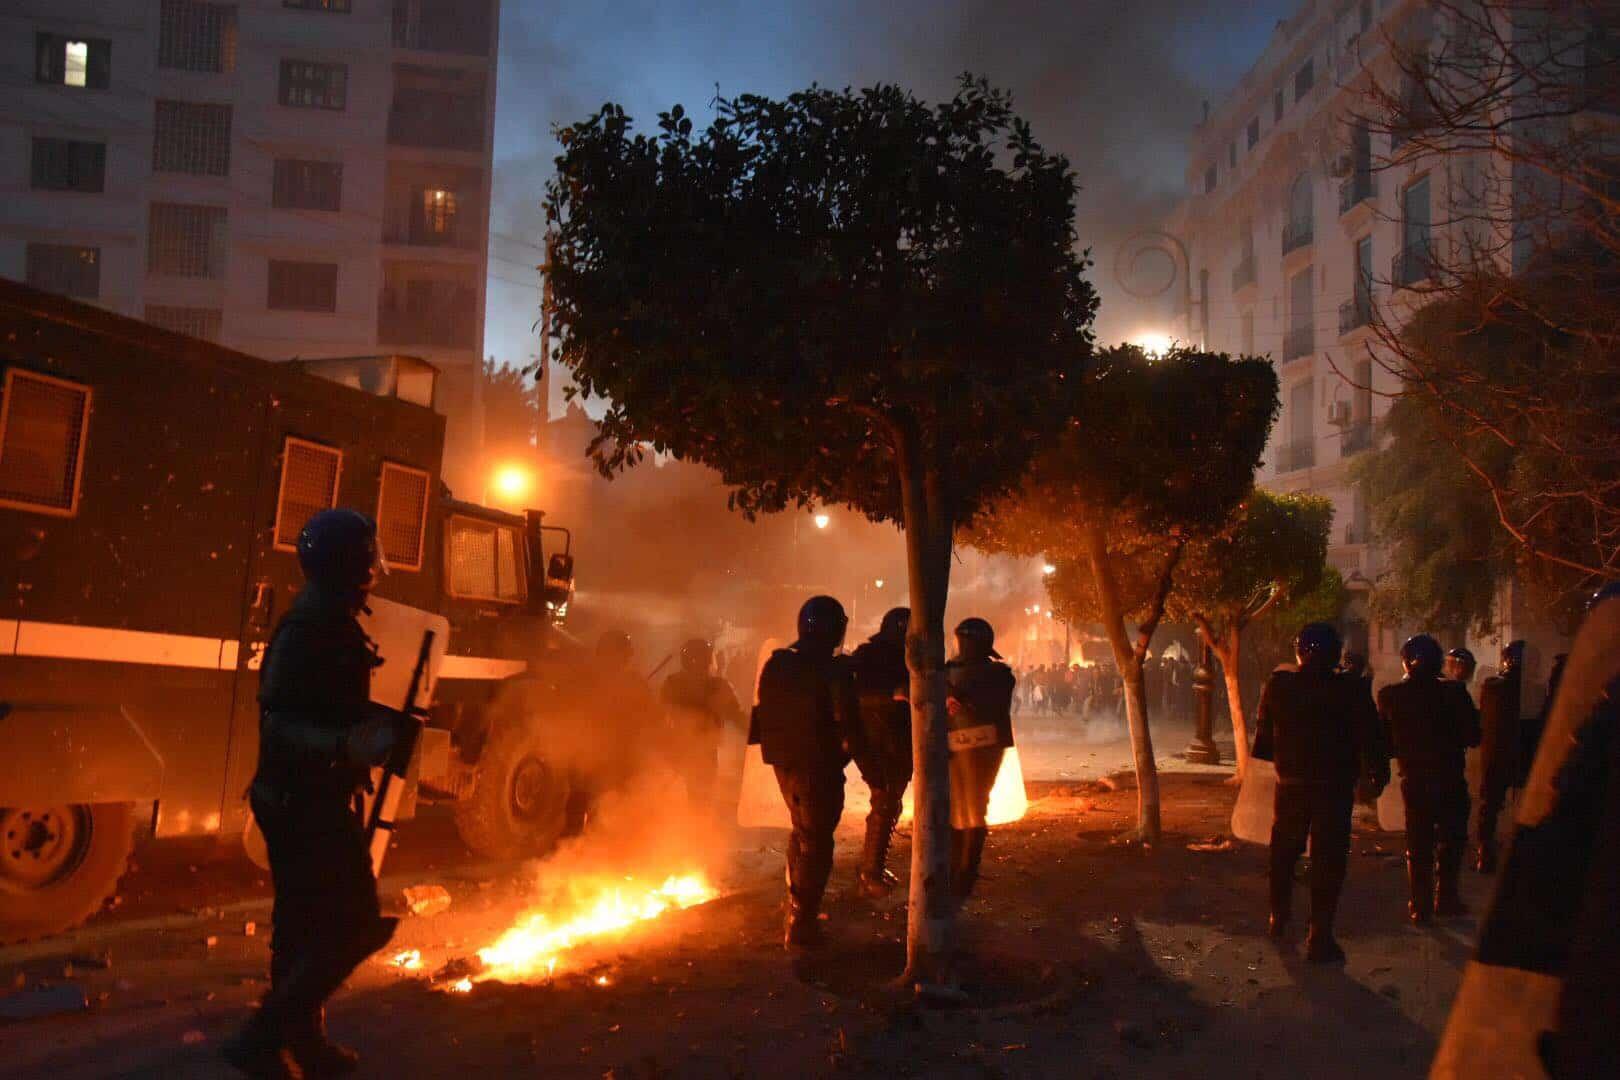 Violents heurts entre la police et les manifestants (Photo archives)